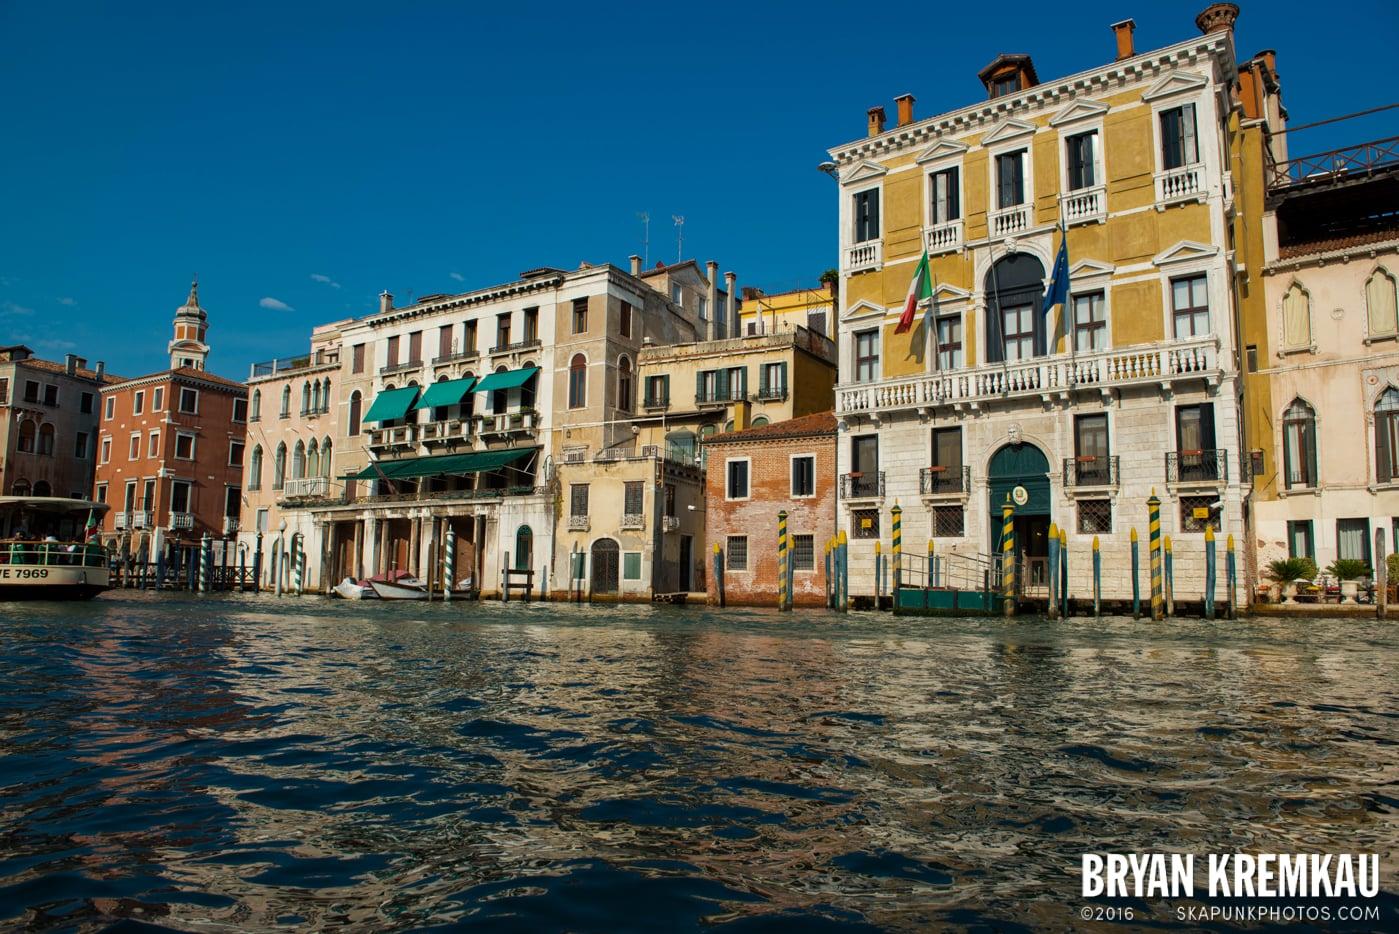 Italy Vacation - Day 5: Venice - 9.13.13 (29)